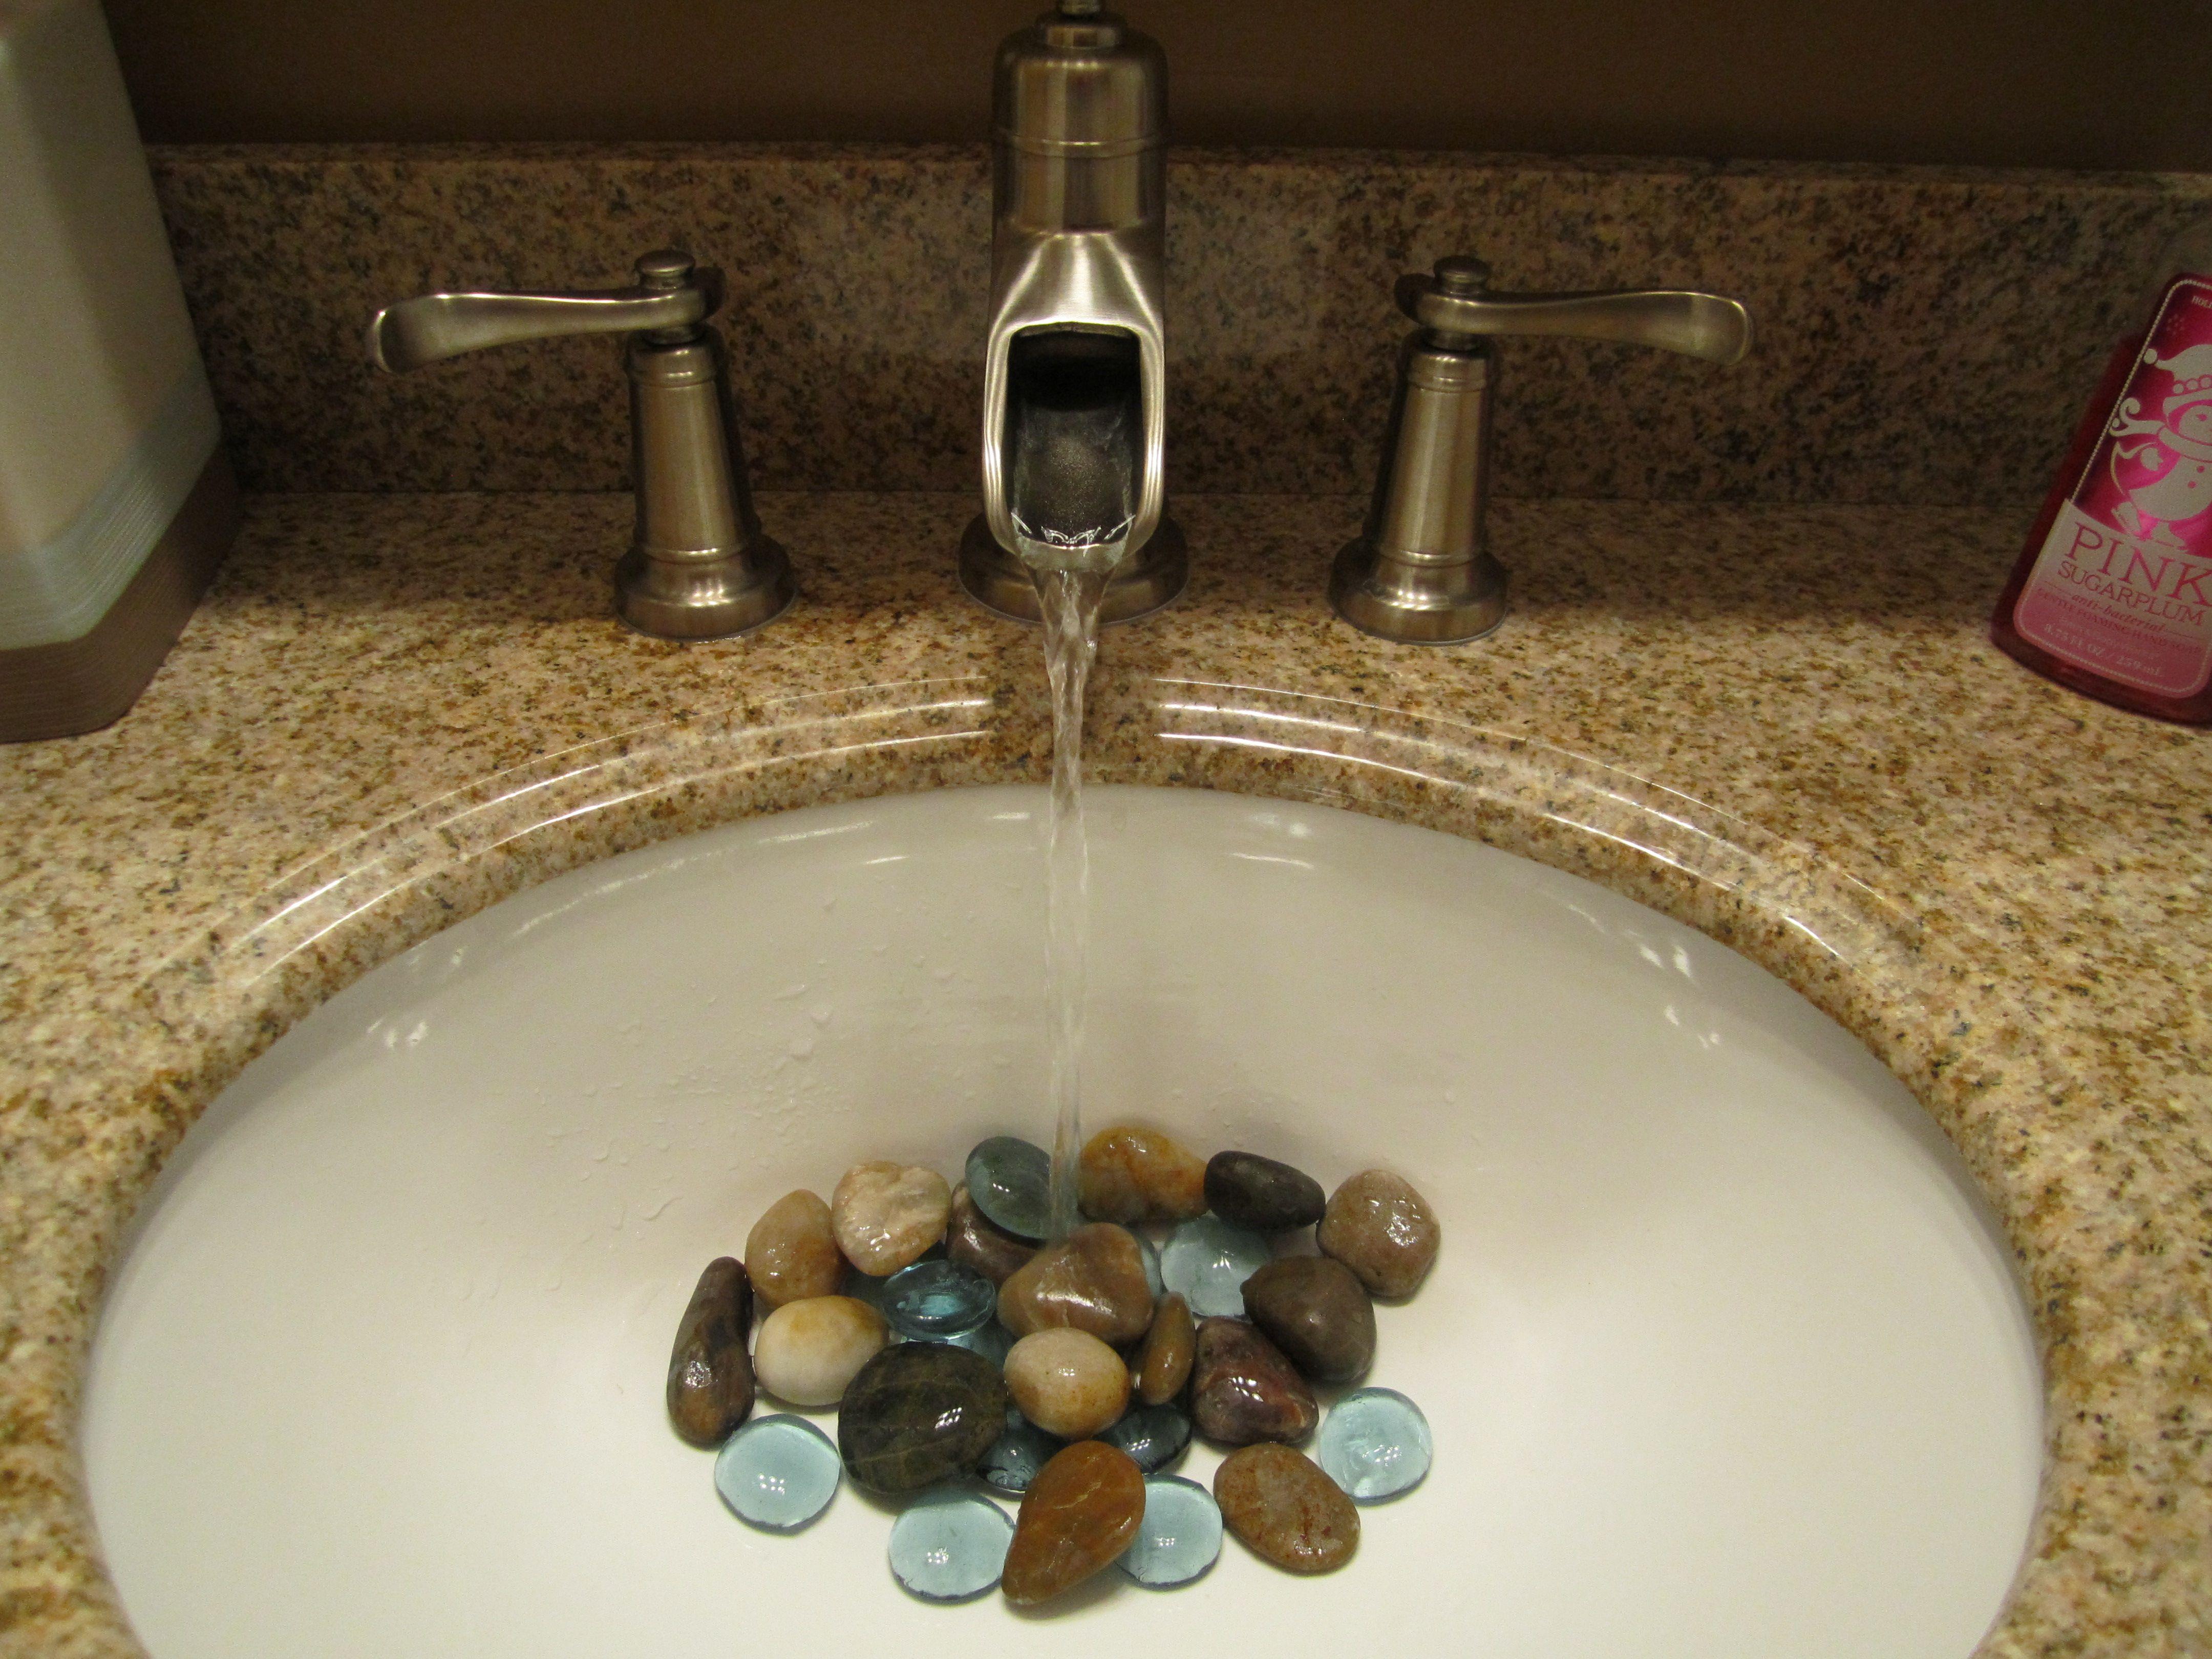 Sink Rocks : rocks in my sink, I think so :) Rocks -N- My Bathroom Sink Pinte ...